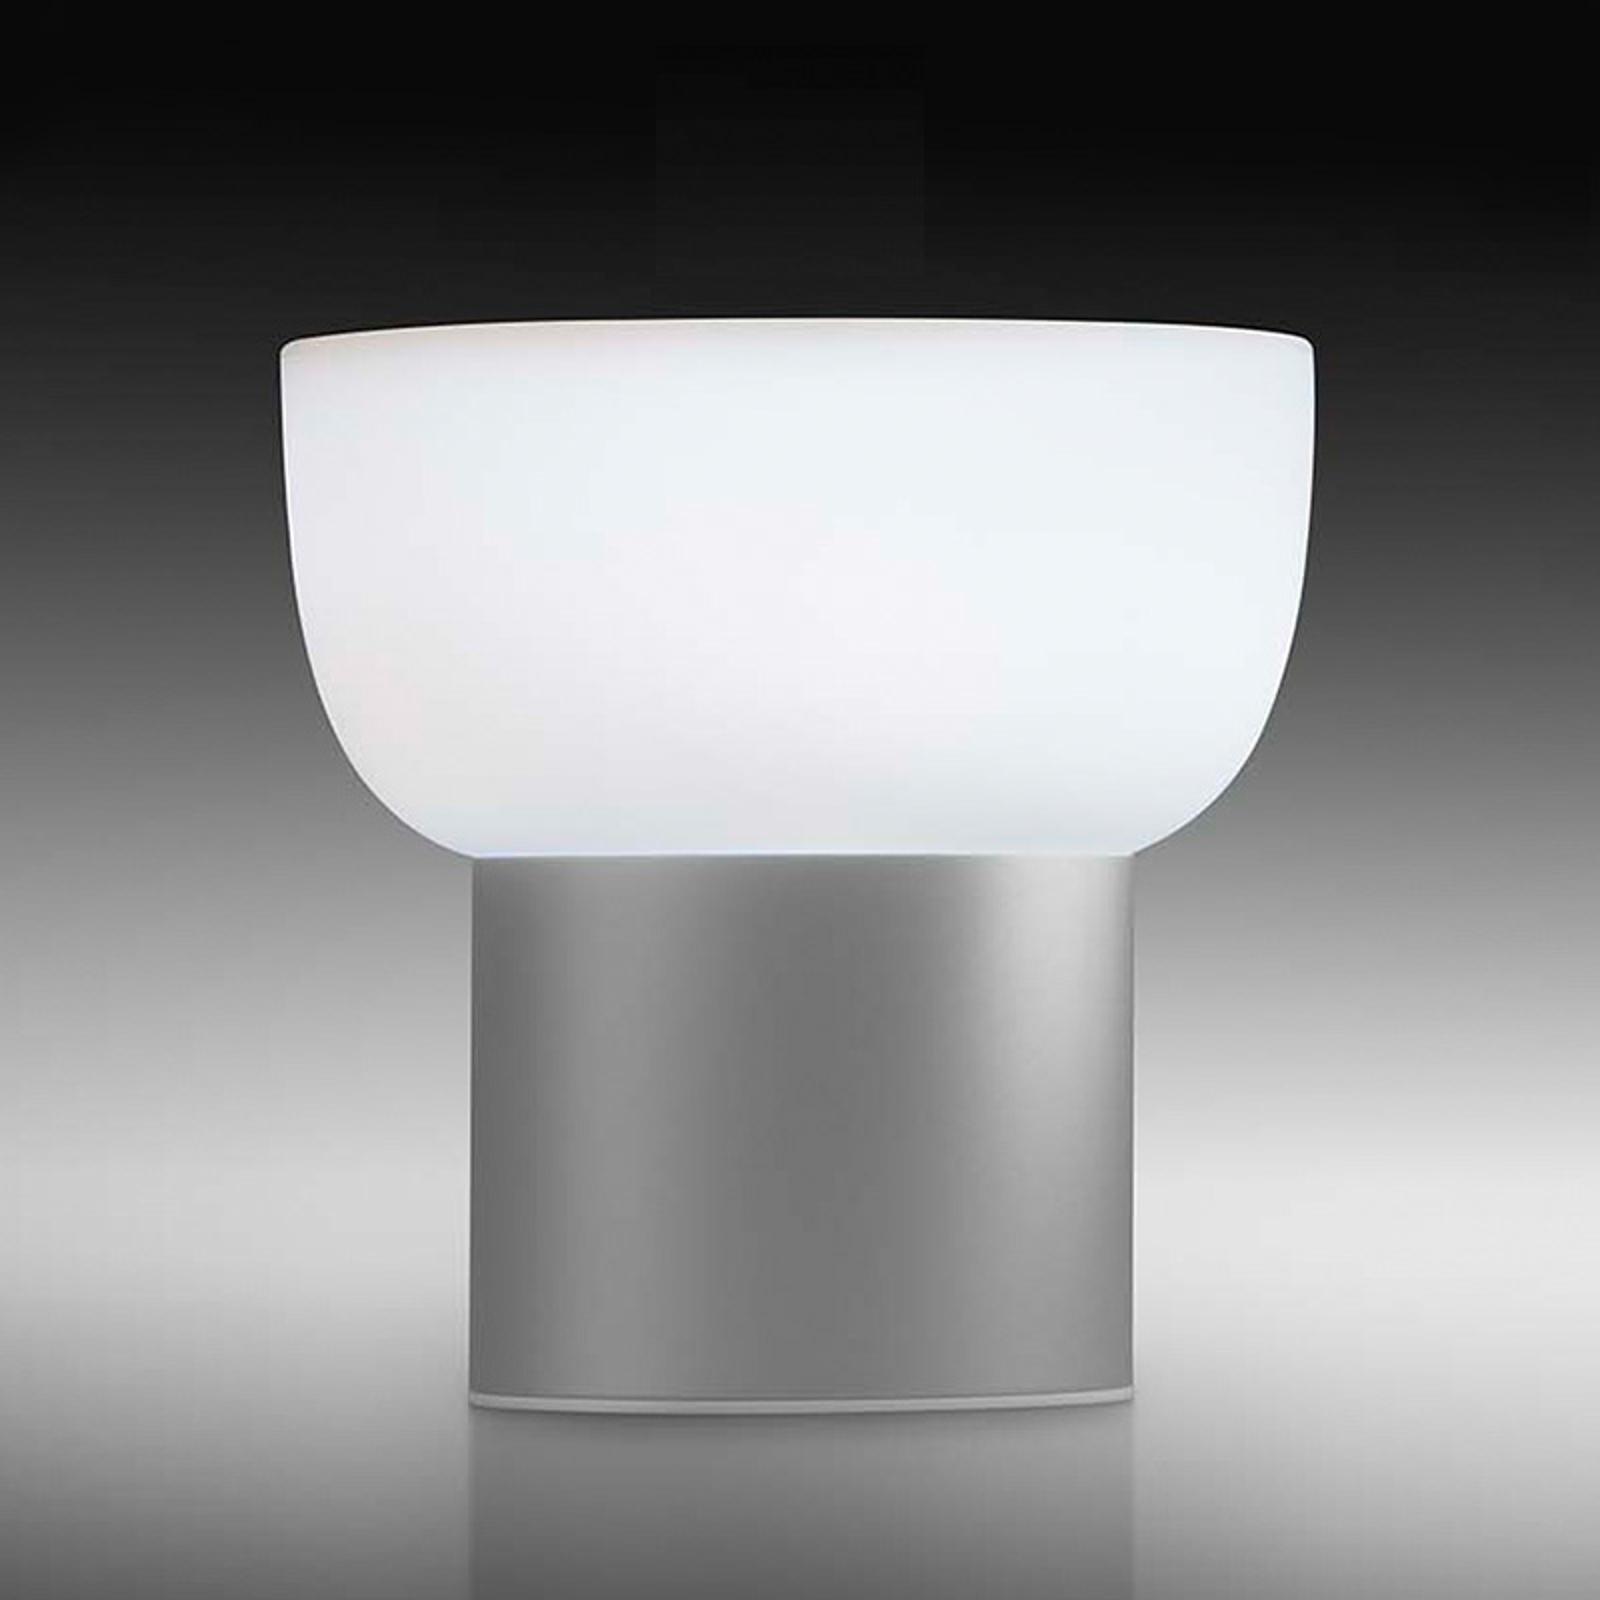 LED-Außendekoleuchte Patio, silber, 16 cm